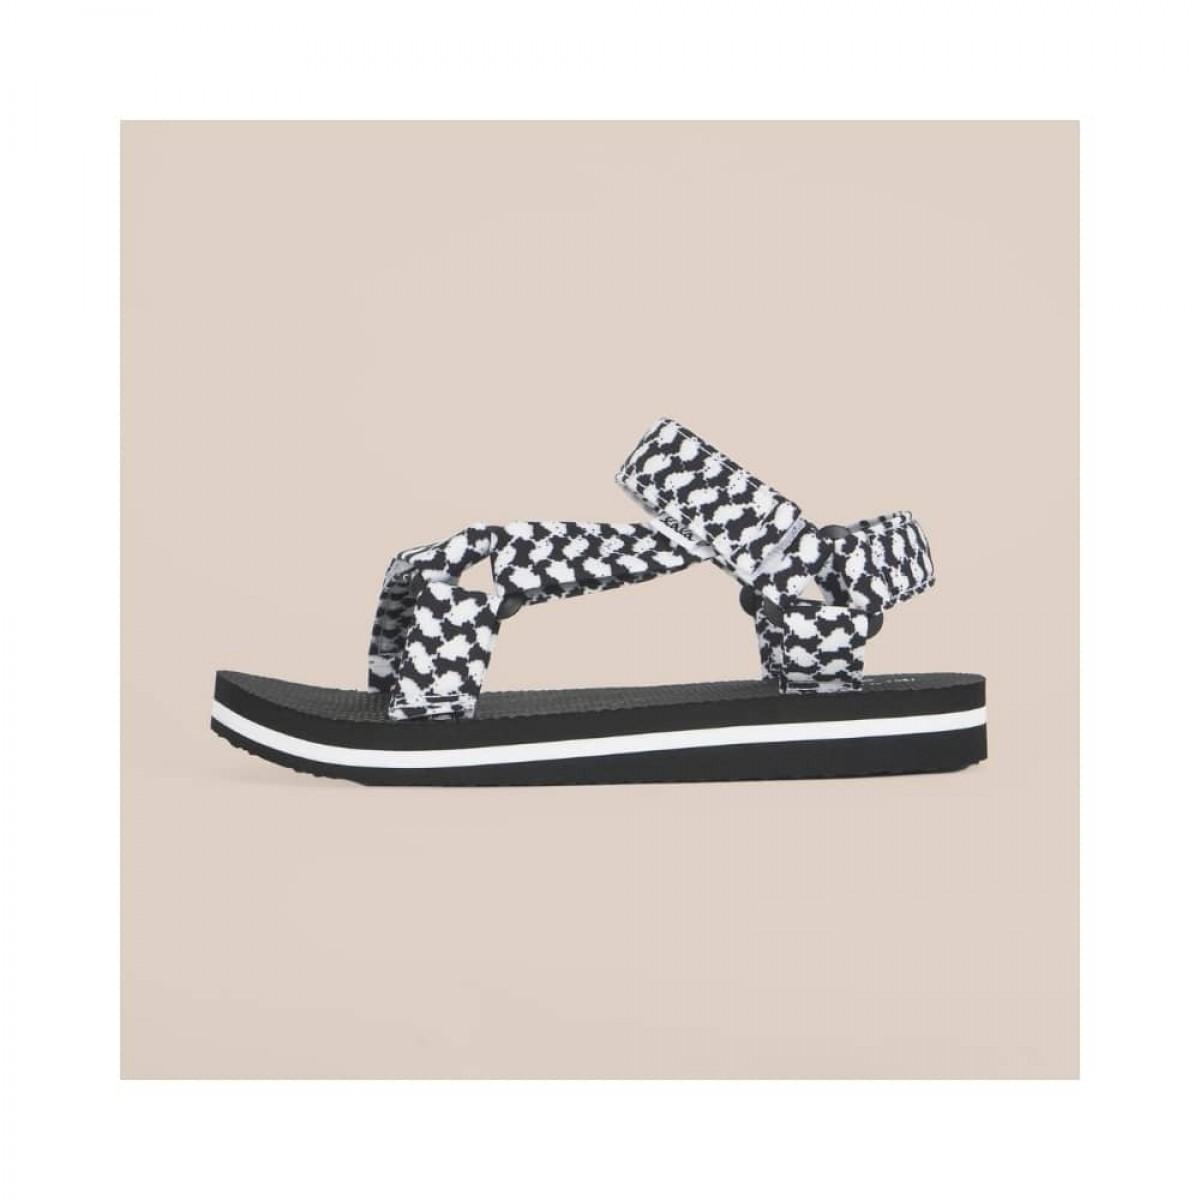 sandals alanis - black - fra siden